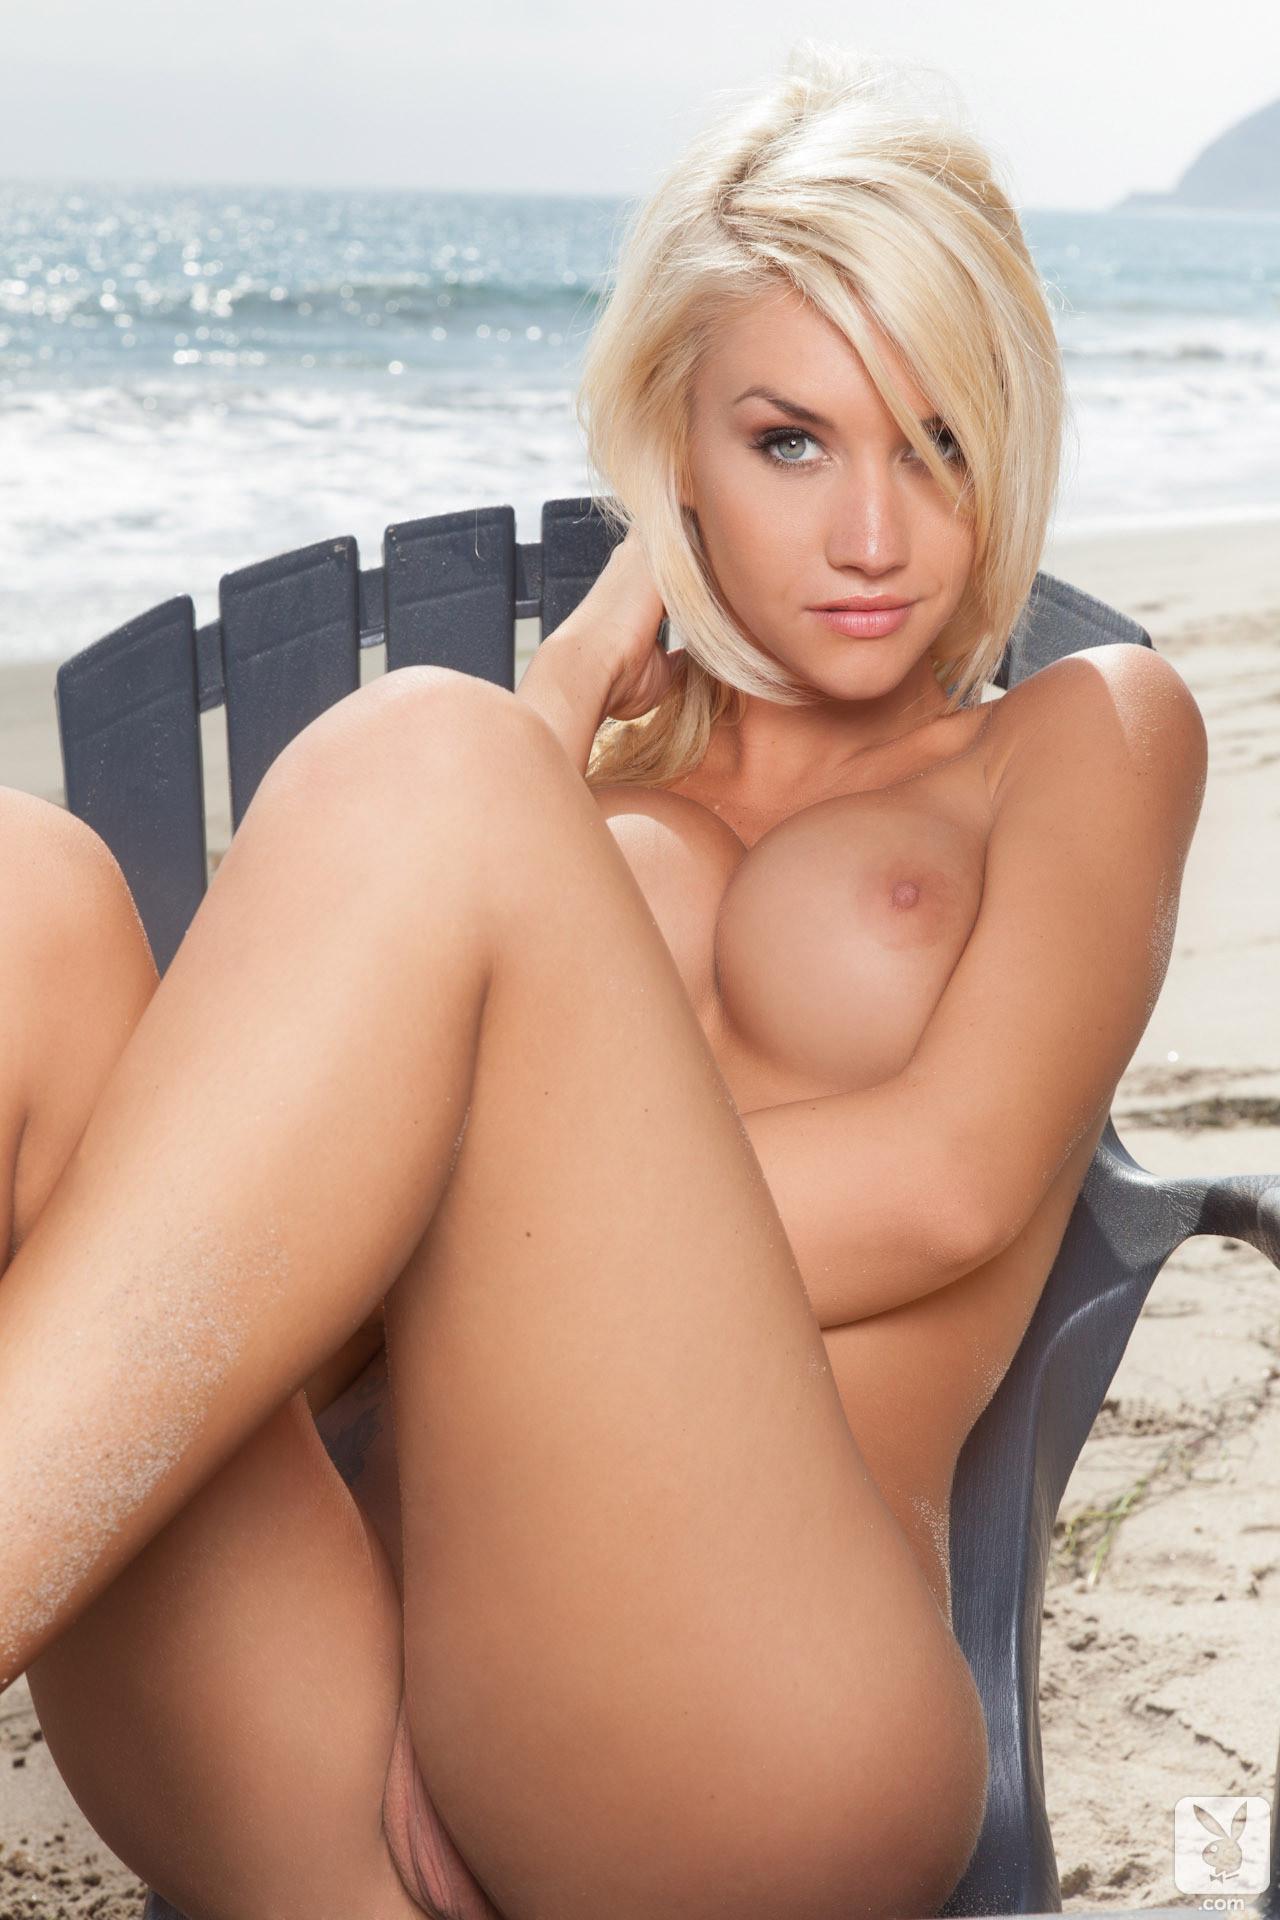 taylor seinturier nude Playboy